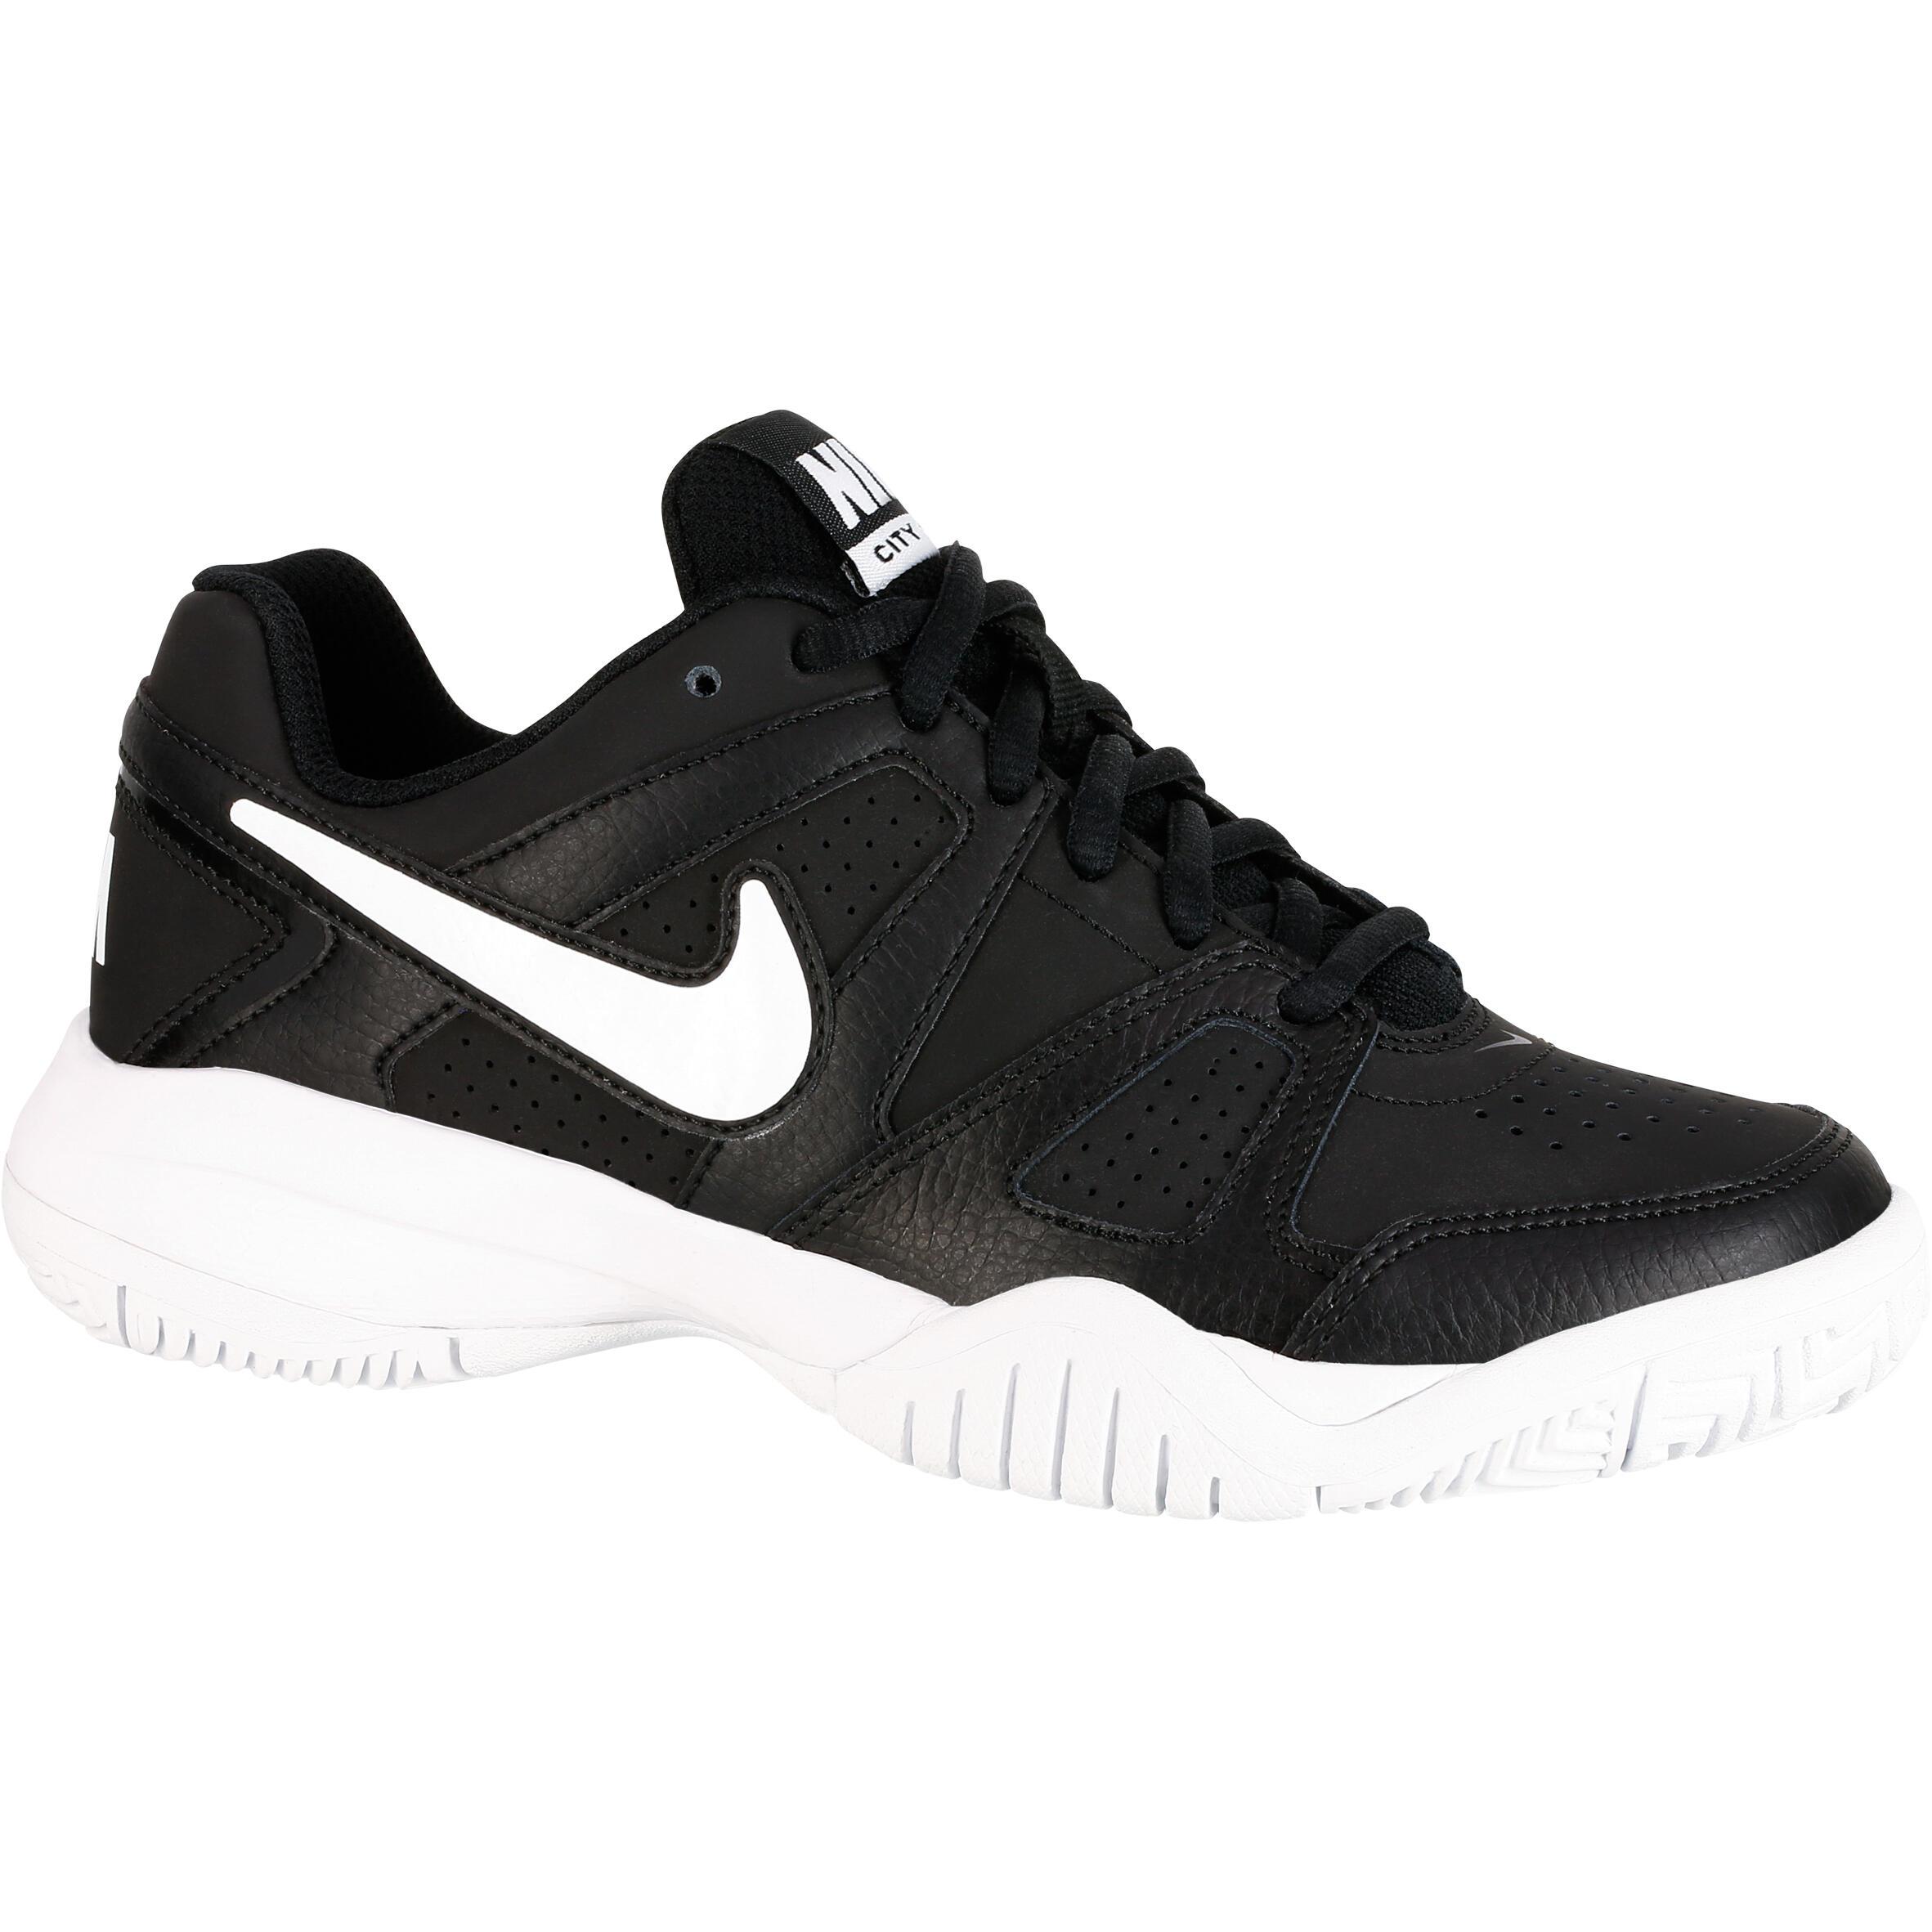 9951cc28508 Comprar Zapatillas Escolares para Niños Online